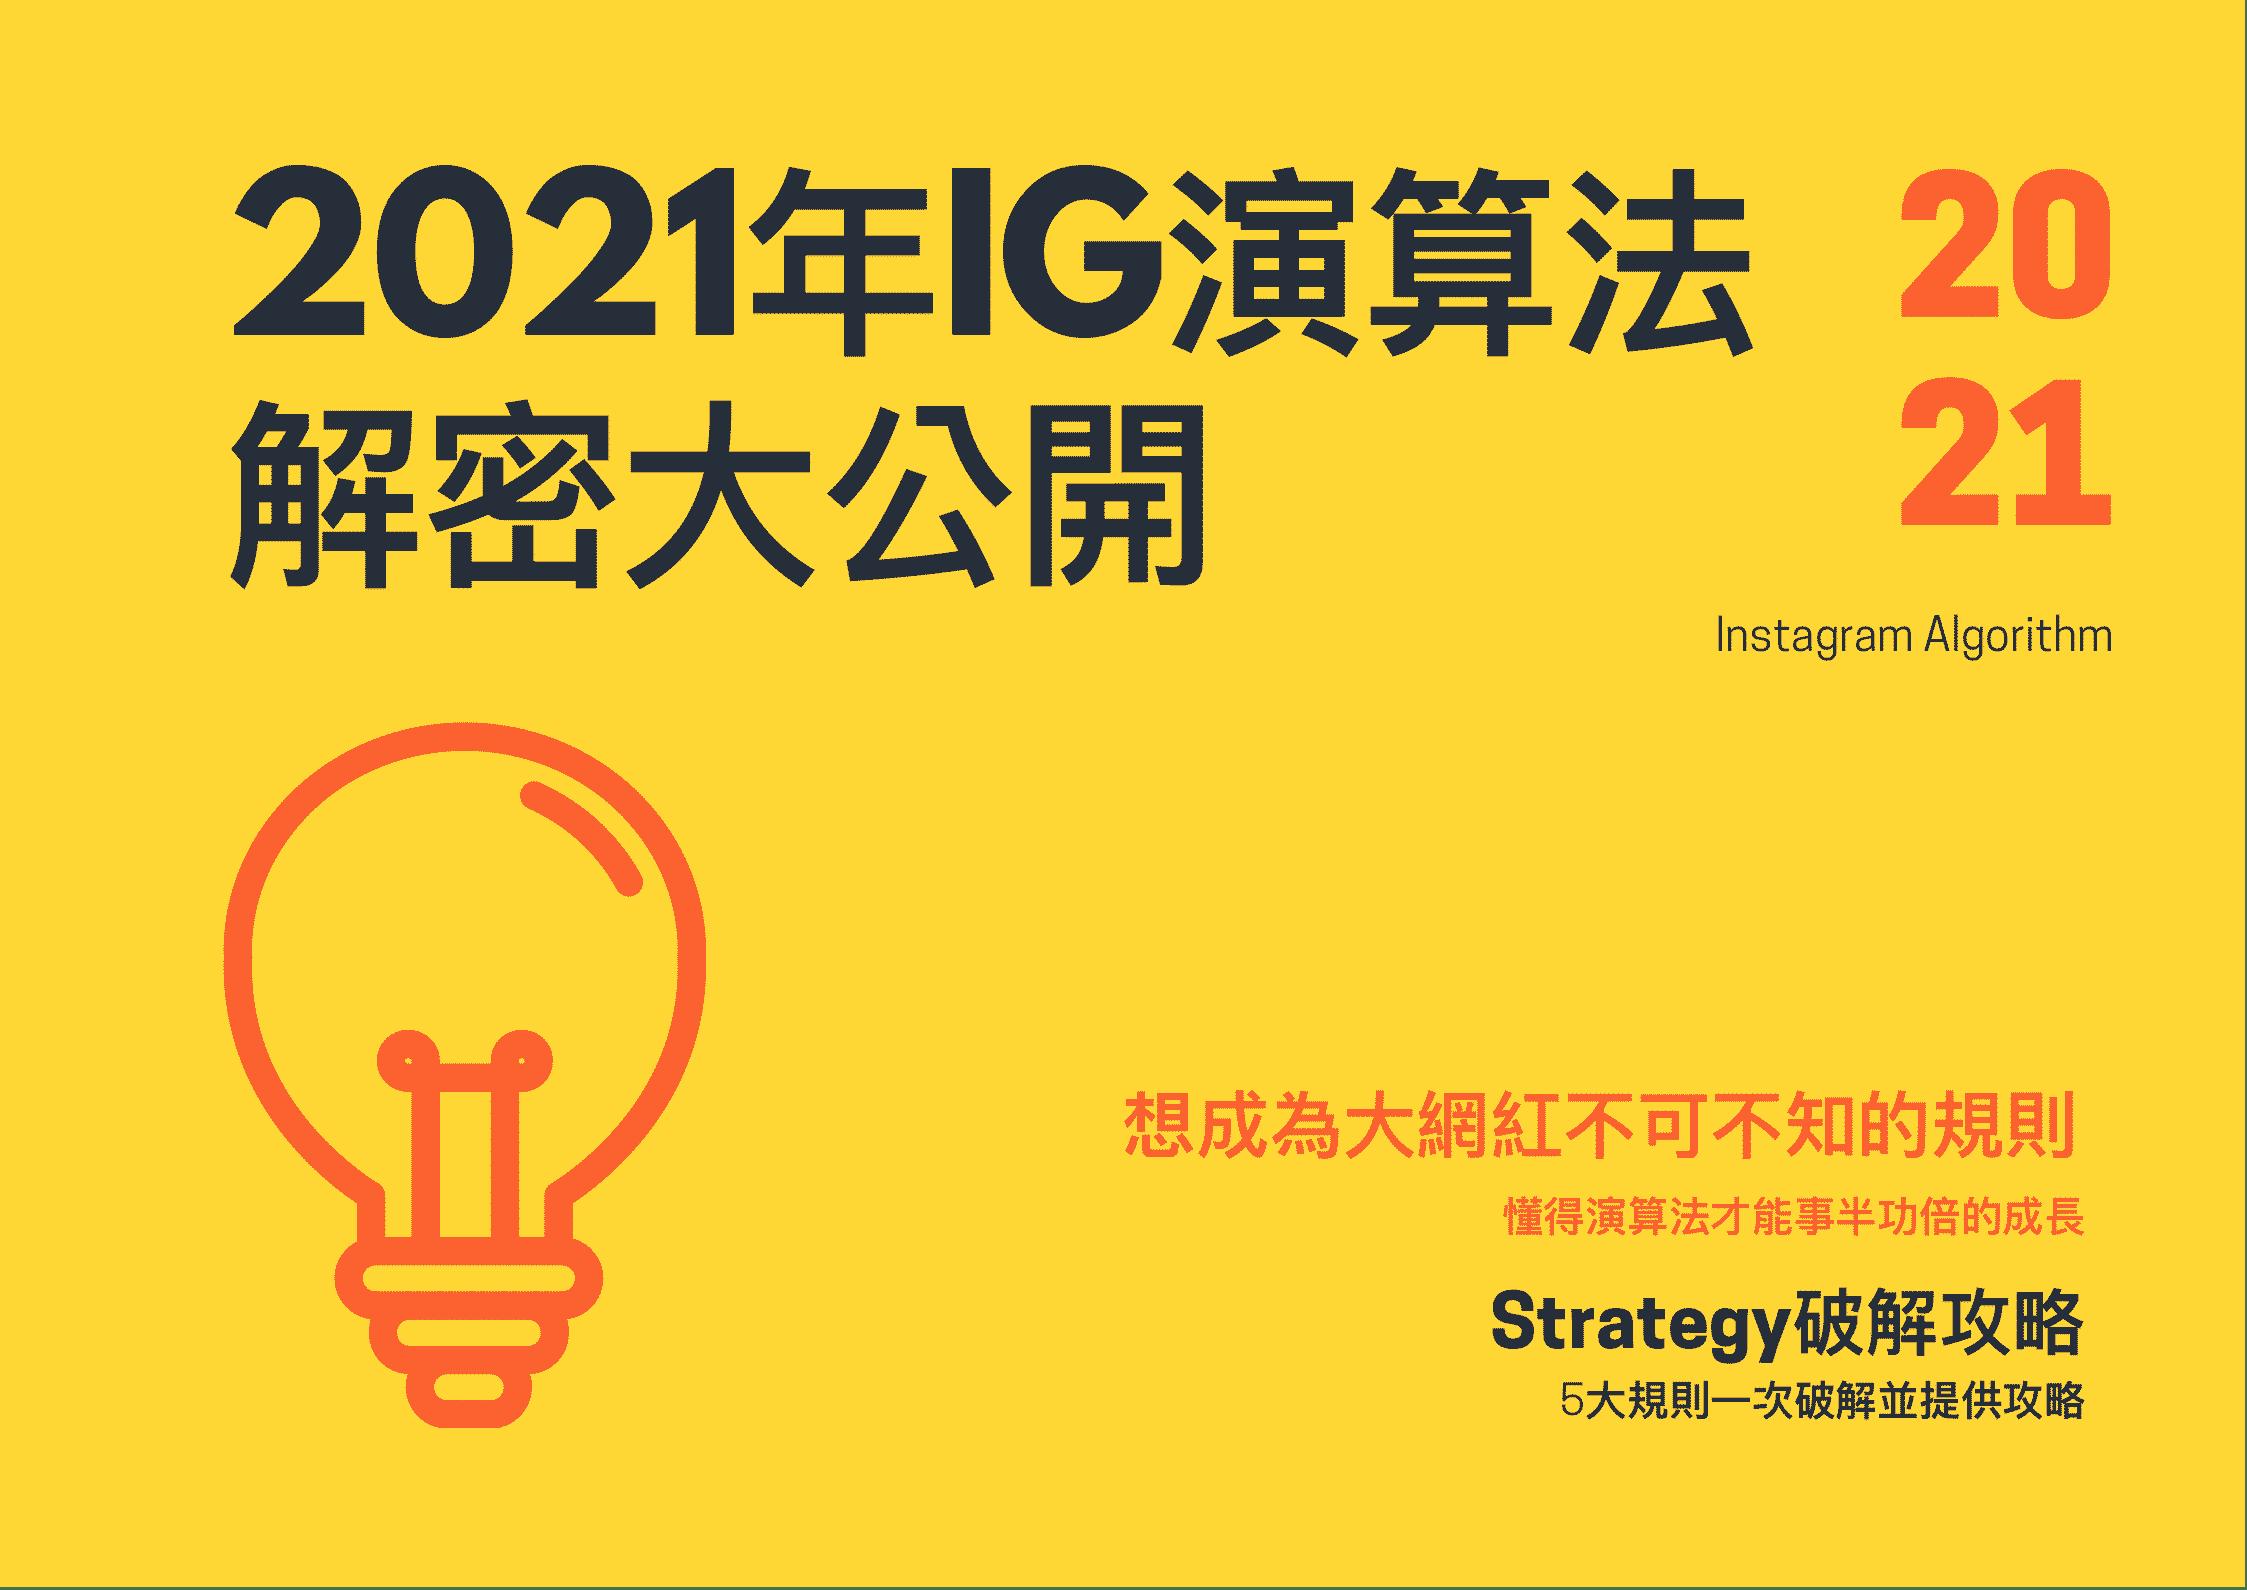 2021年IG演算法大公開~附有攻略